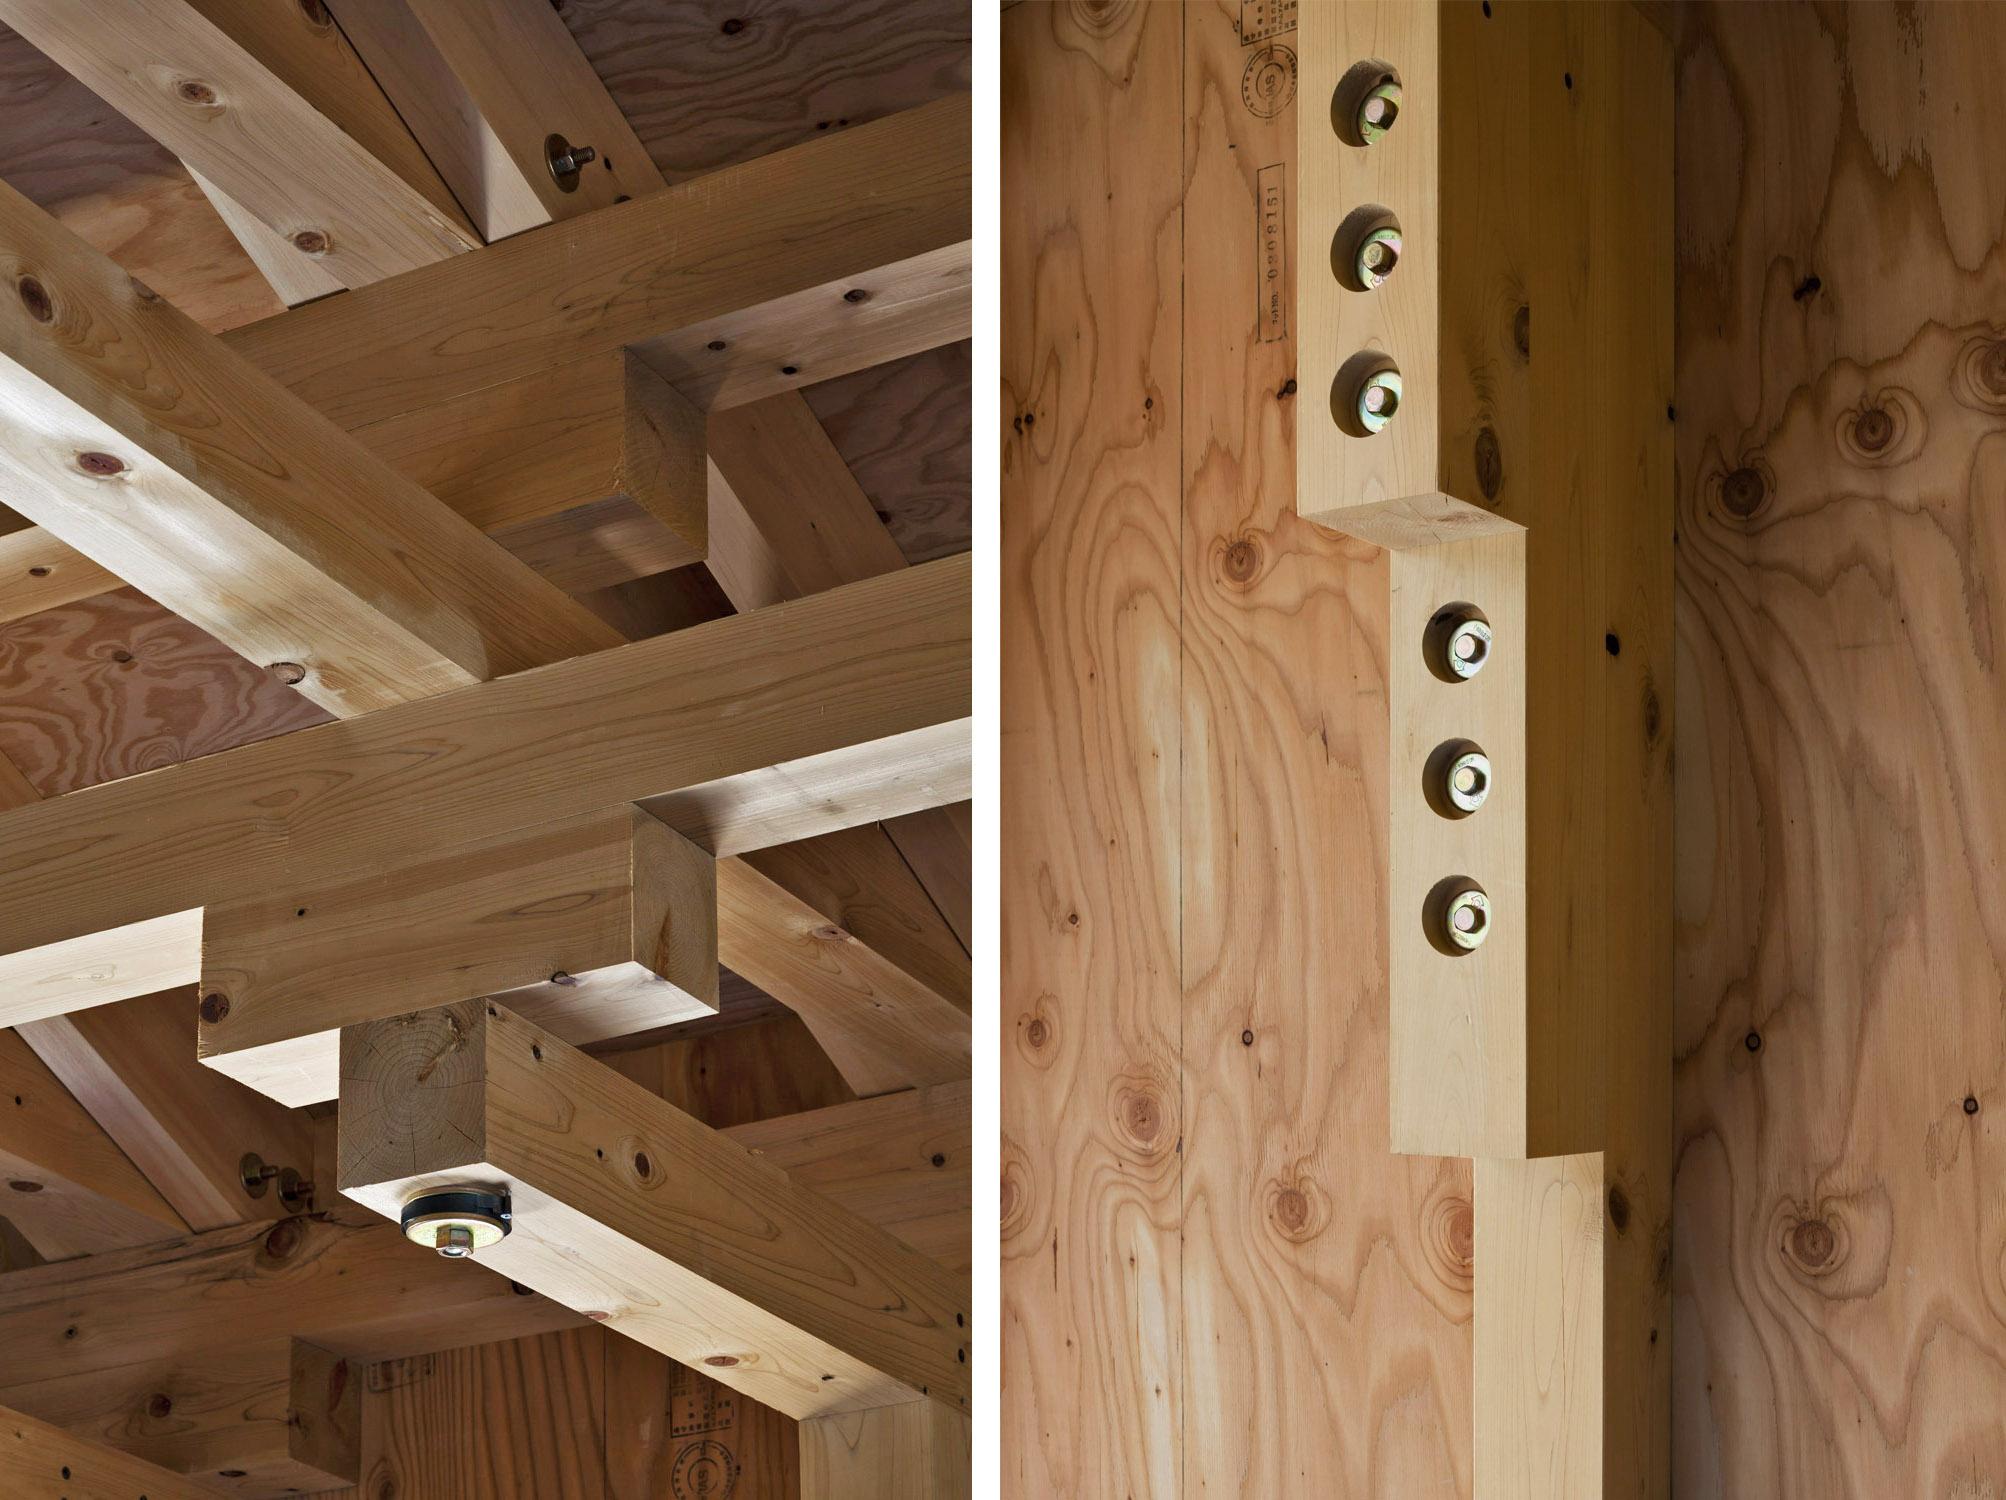 Boxing Club - FT Architects : dettagli della struttura portante